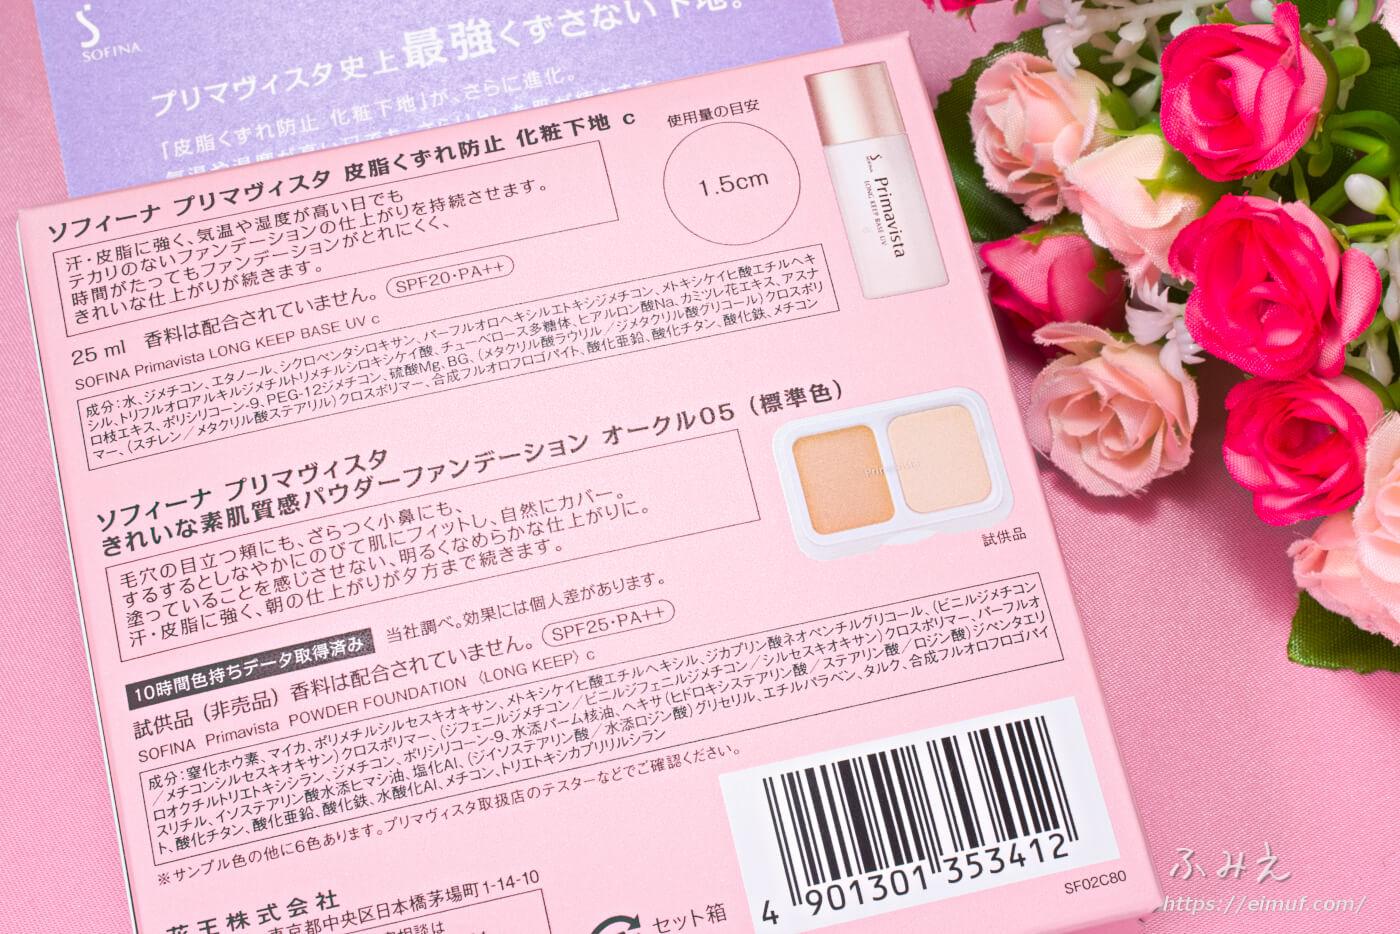 2018年に改良されたソフィーナ プリマヴィスタ 皮脂くずれ防止化粧下地(新製品) とサンプルがセットになった商品裏面